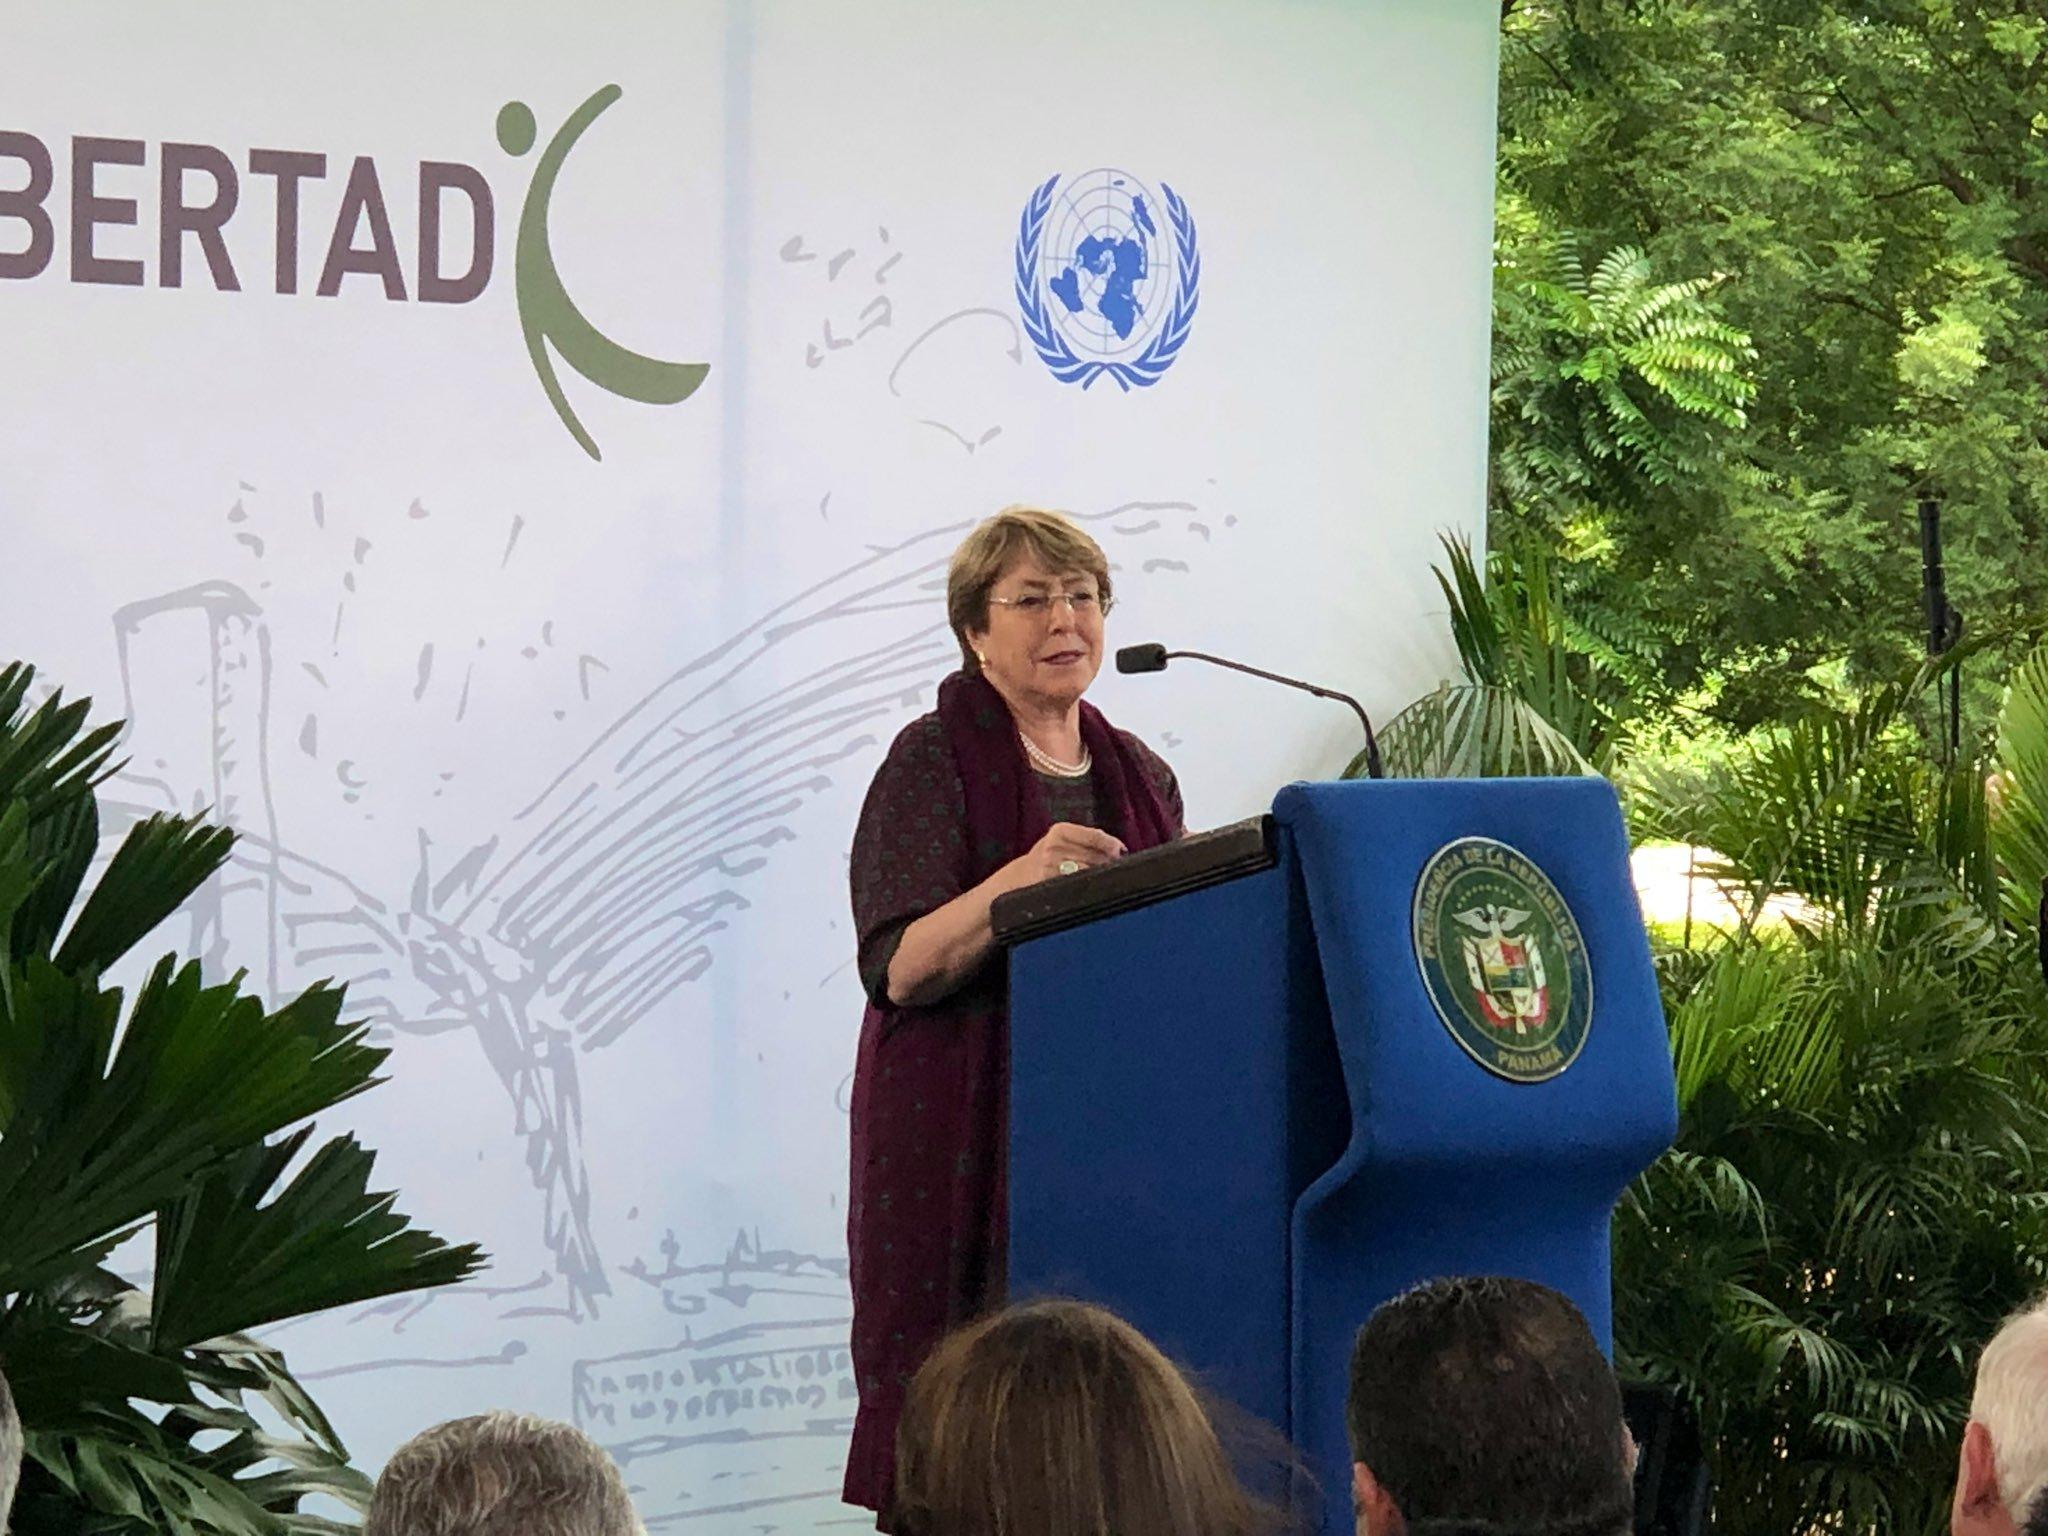 Chili: Michelle Bachelet Exhorte au «Dialogue Immédiat» pour une sortie de crise